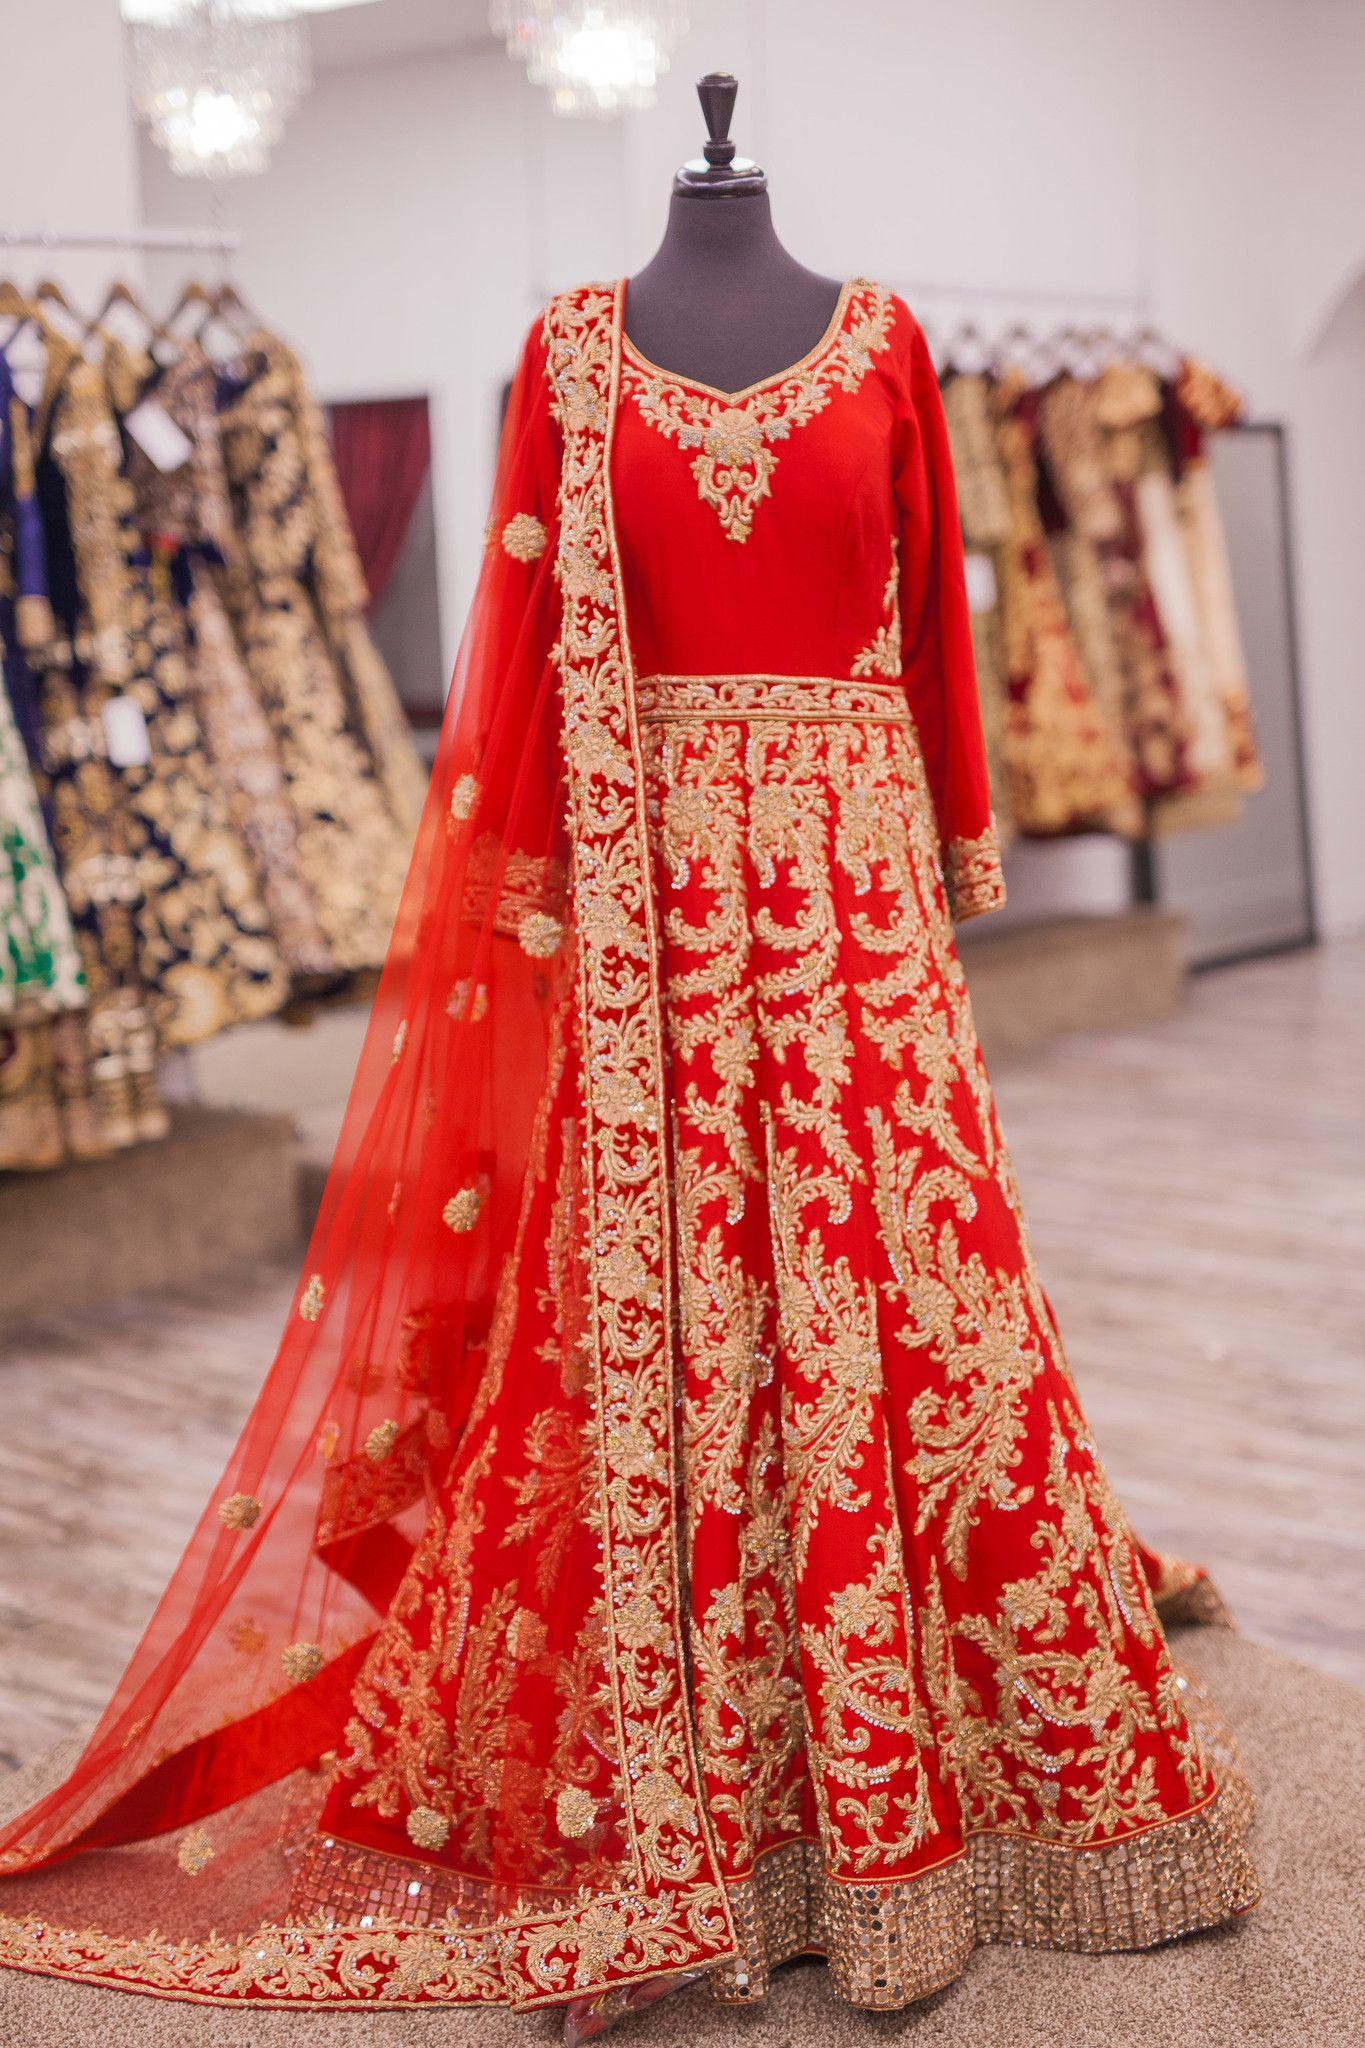 Red Bridal Anarkali With A Train Rote Hochzeitskleider Indische Braut Indische Outfits [ 2048 x 1365 Pixel ]